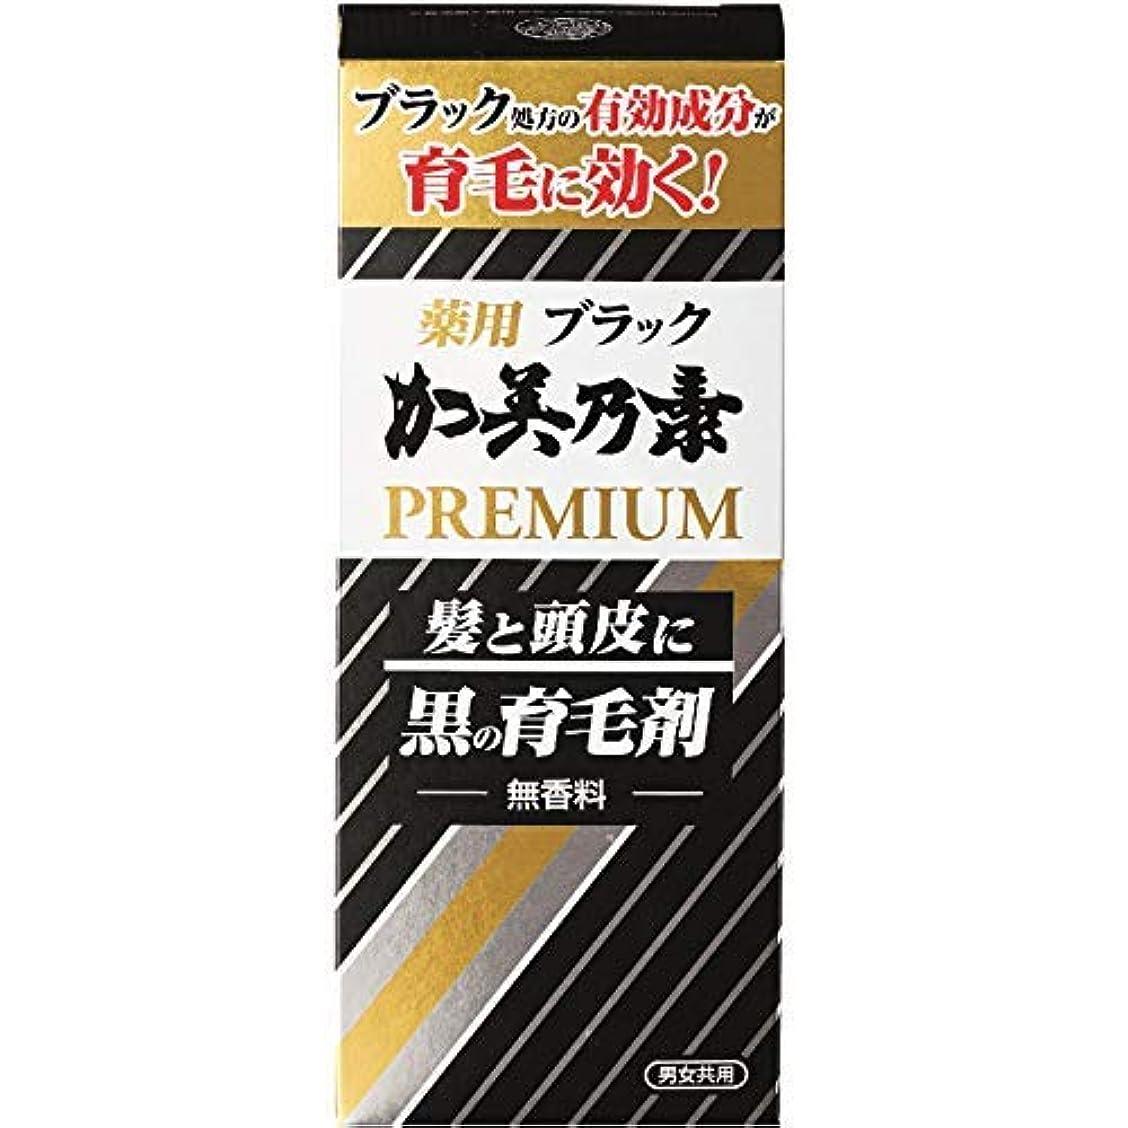 運命野菜ベッドブラック加美乃素 プレミアム × 9個セット